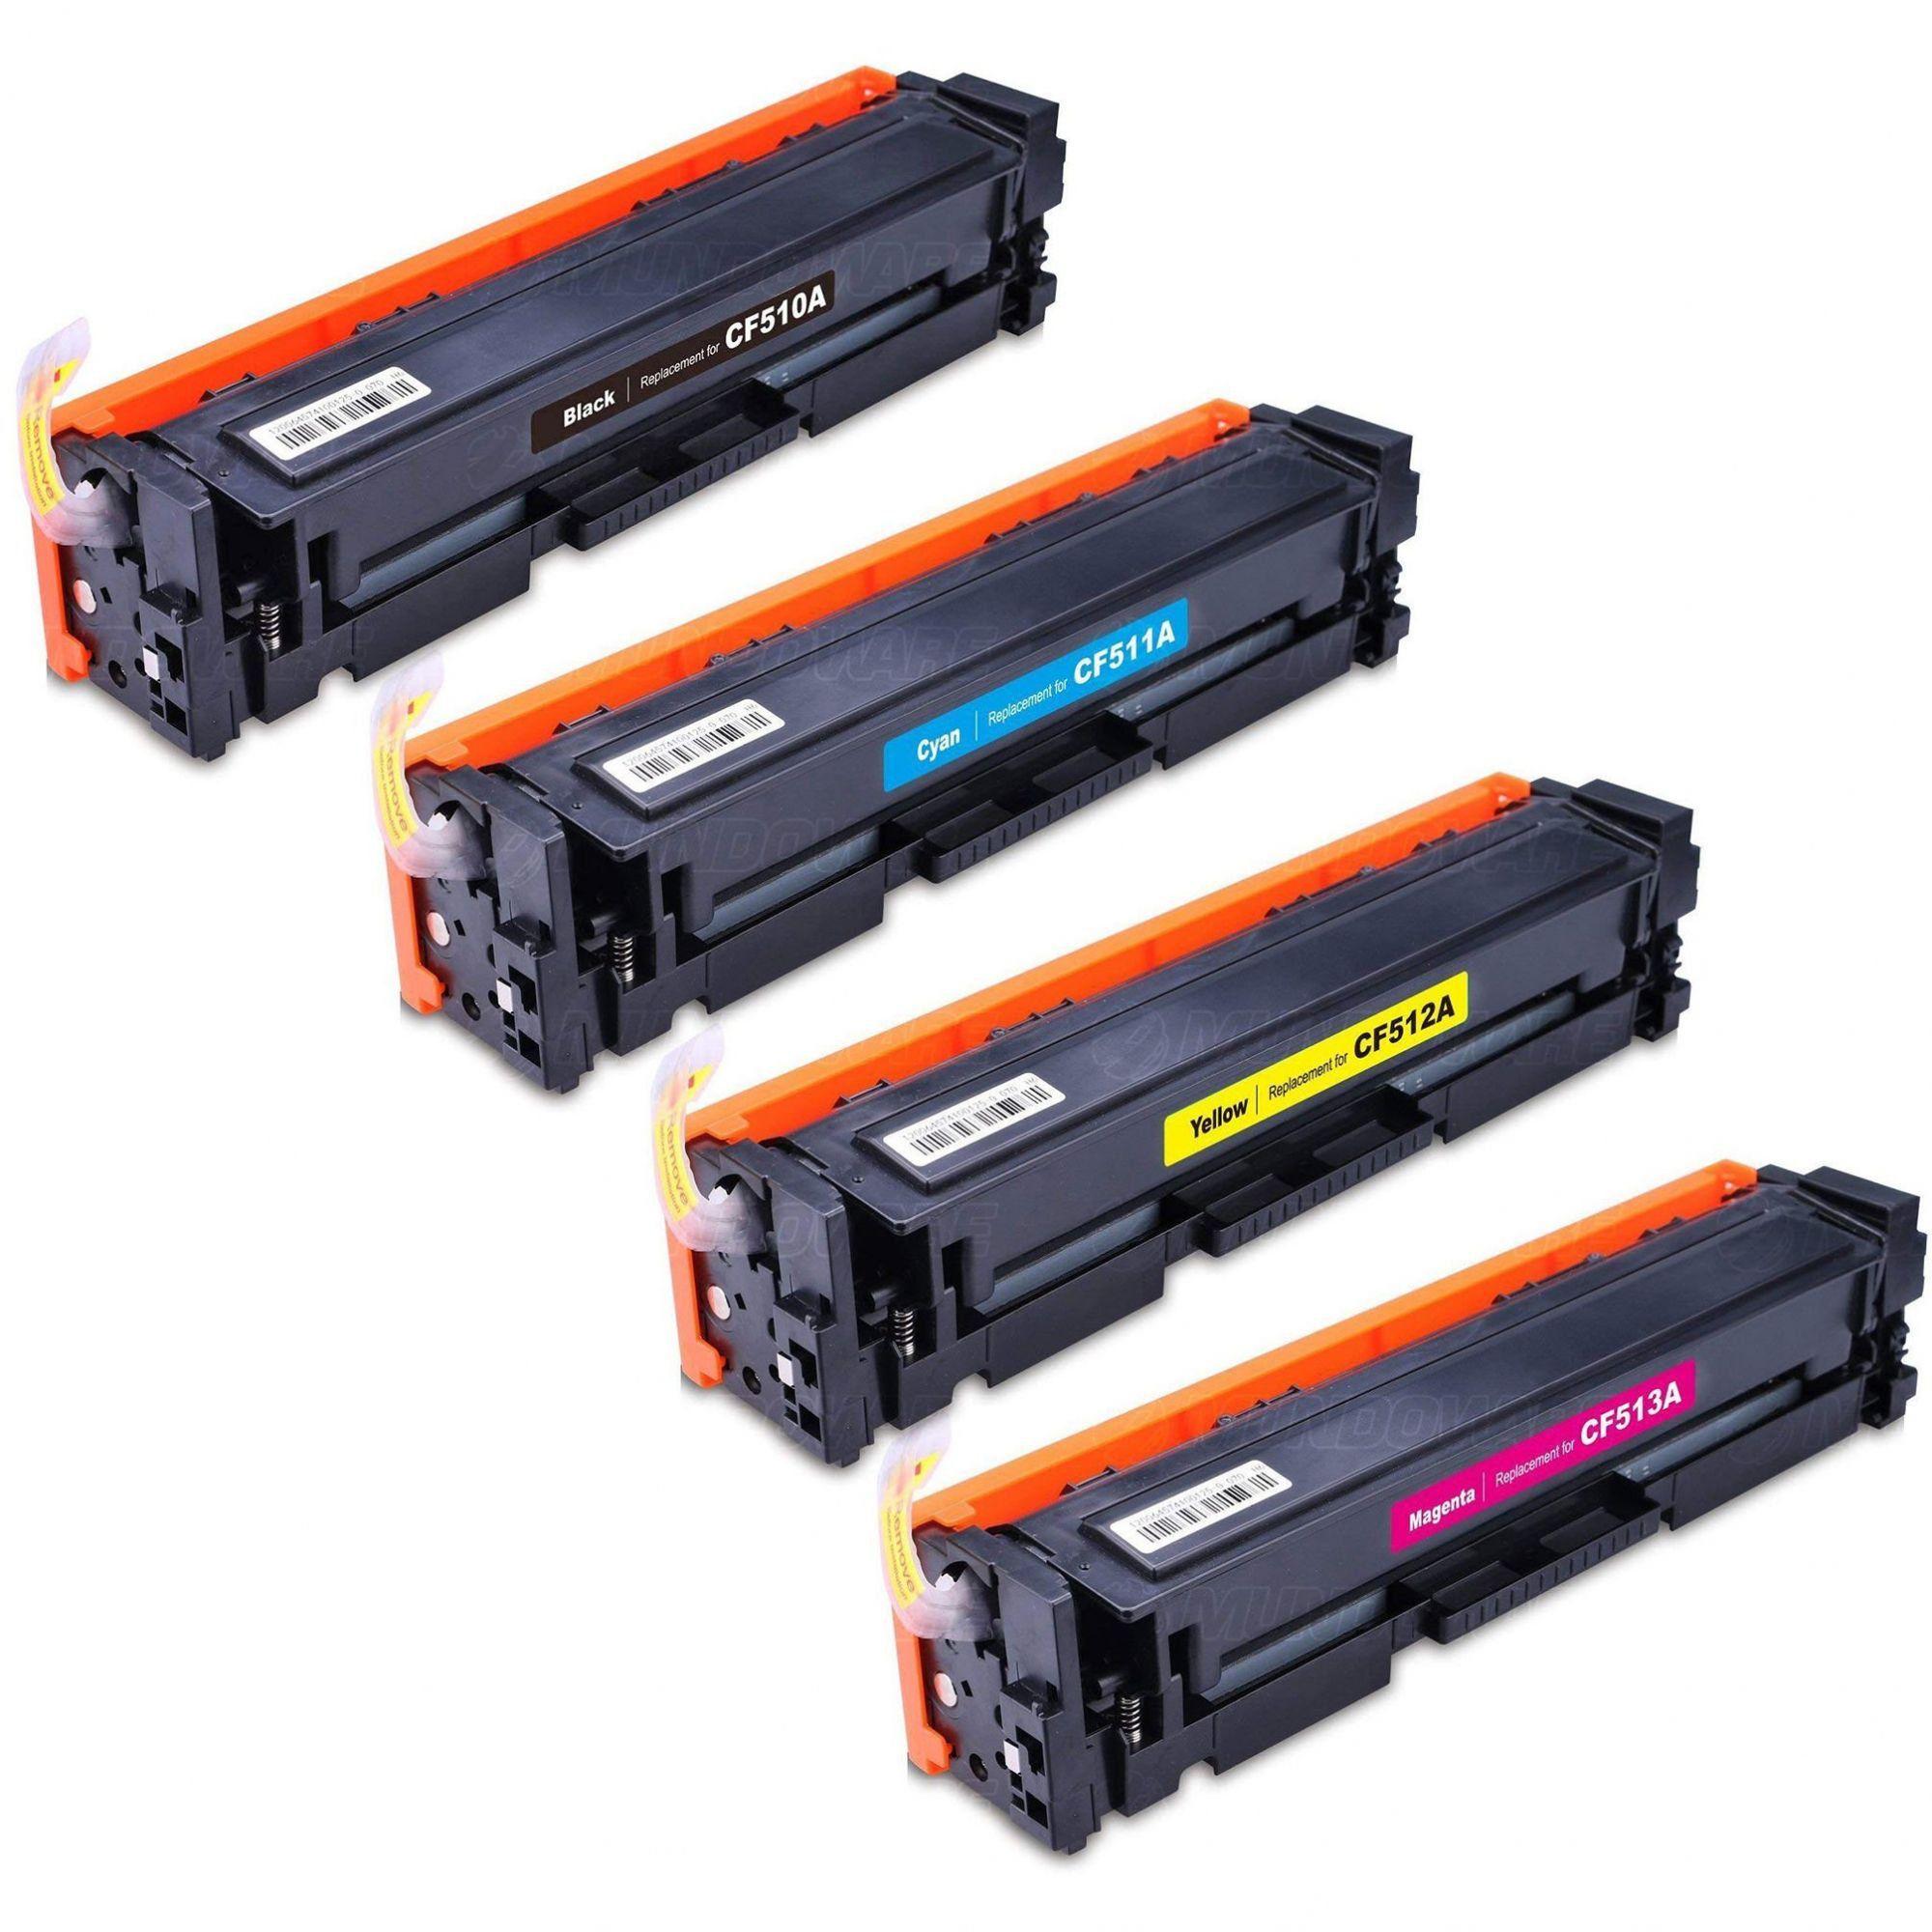 Compatível: Kit Colorido de Toner CF510A CF511A CF512A CF513A 204A para HP M154a M154nw M180n M180nw M181 M181fw 154nw